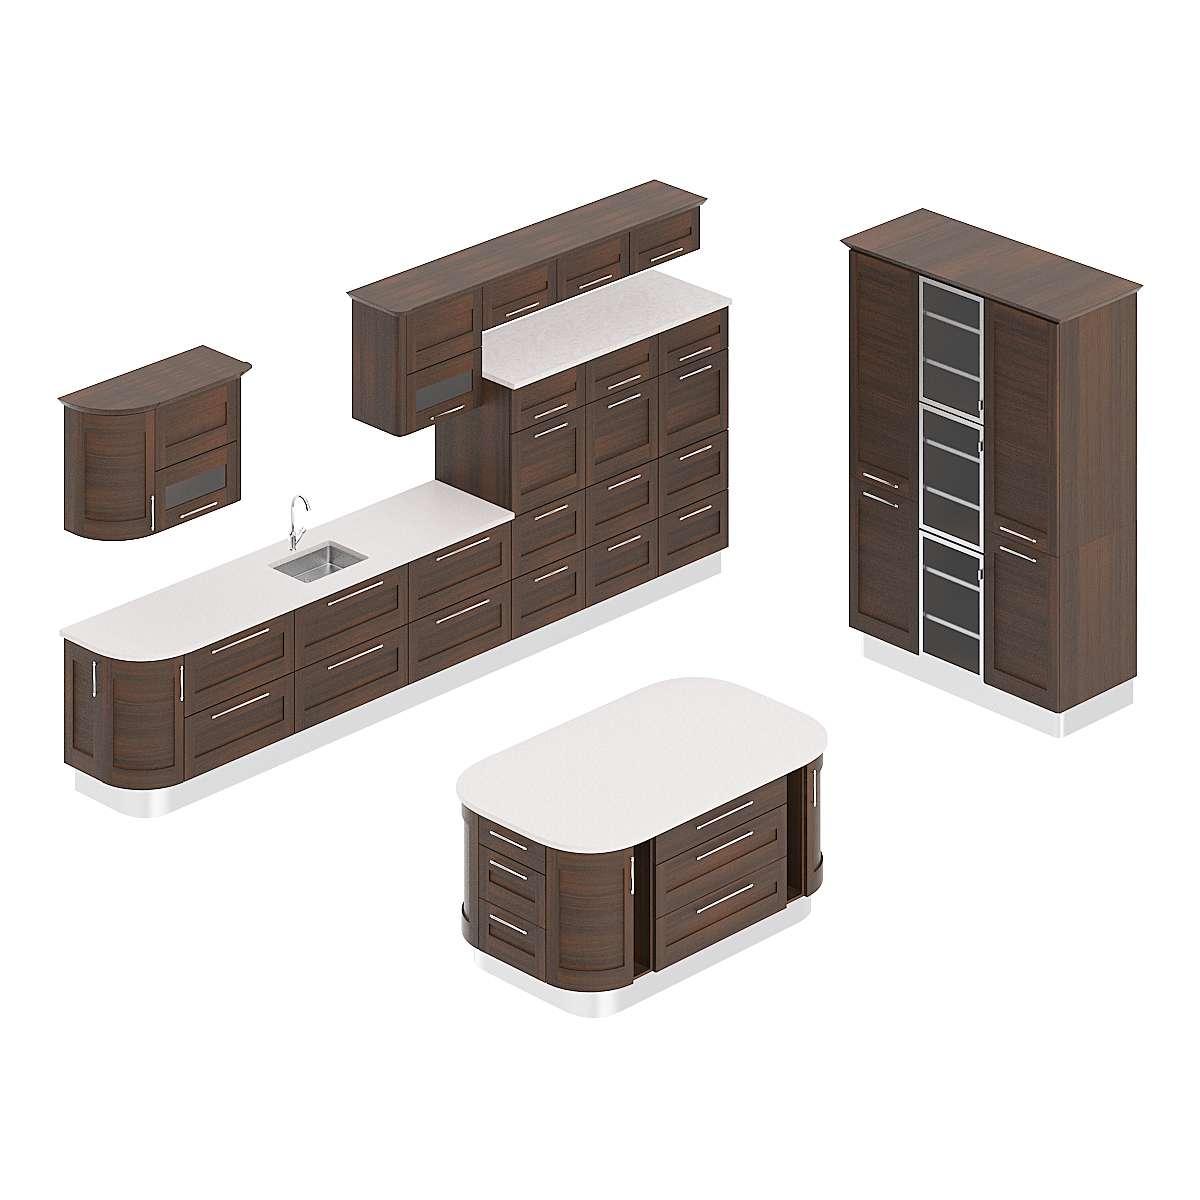 مدل سه بعدی کابینت آشپزخانه از CGAxis